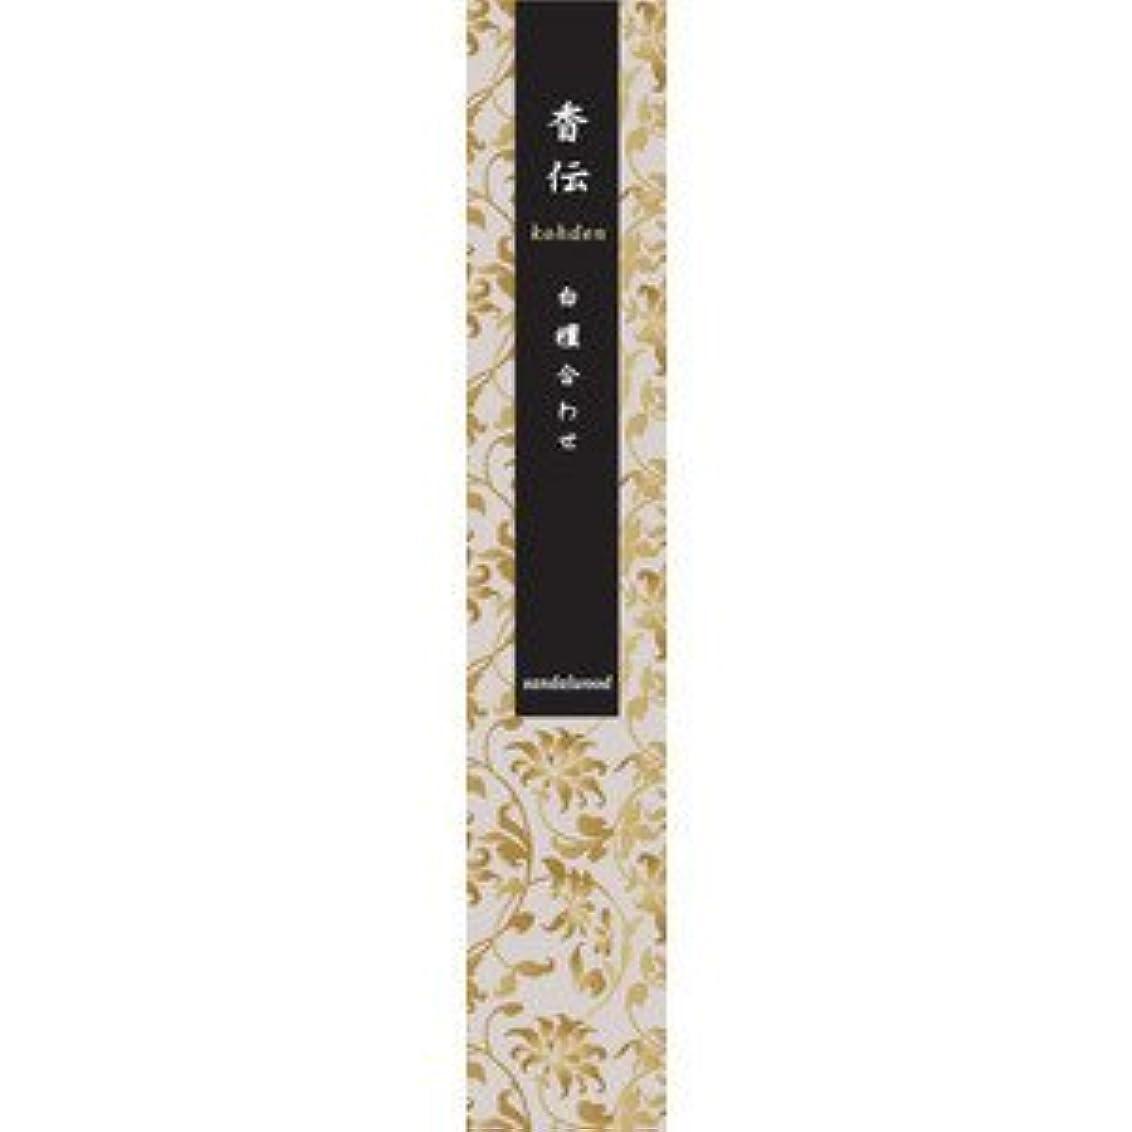 日本香堂 香伝 白檀合わせ